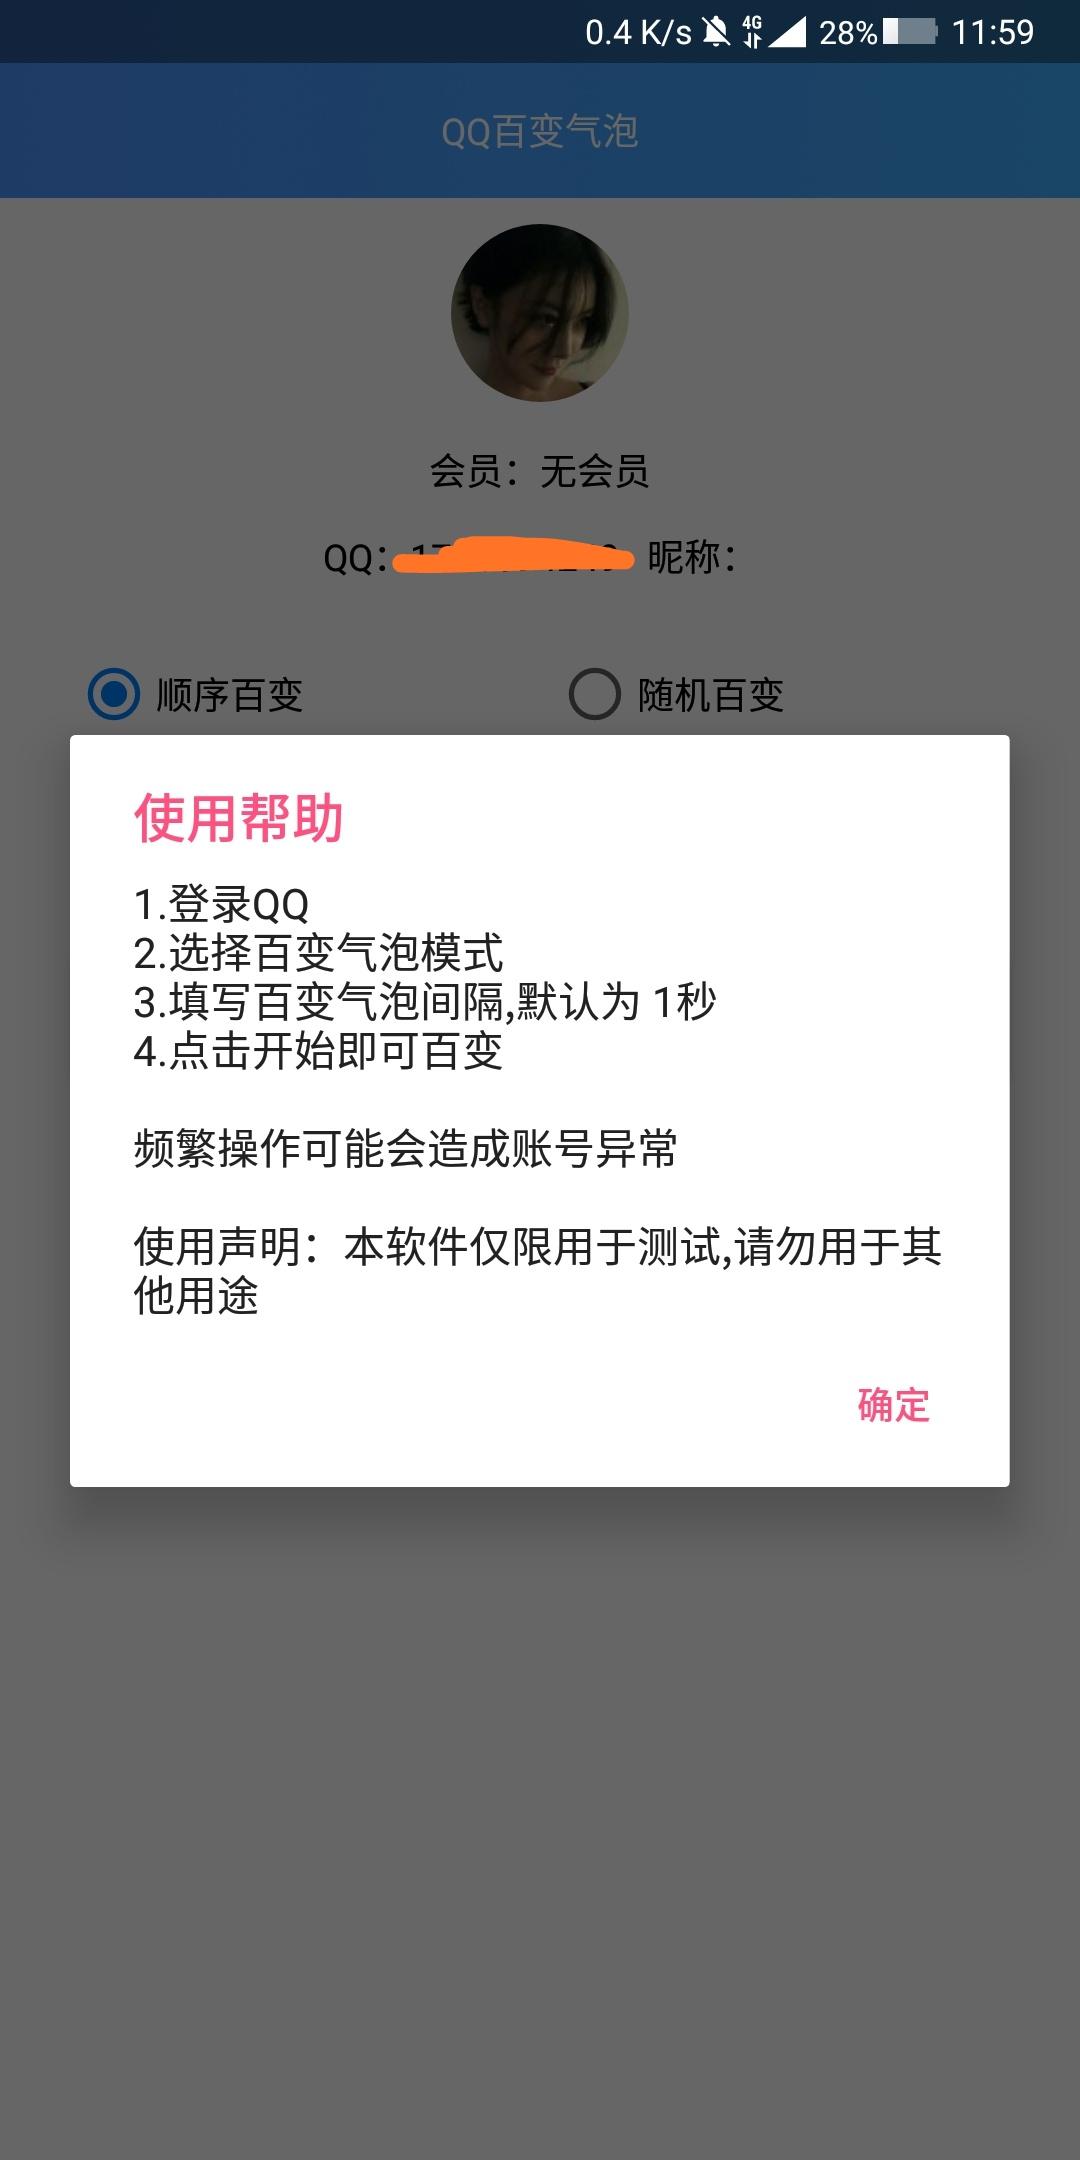 【软件分享】QQ百变气泡-爱小助